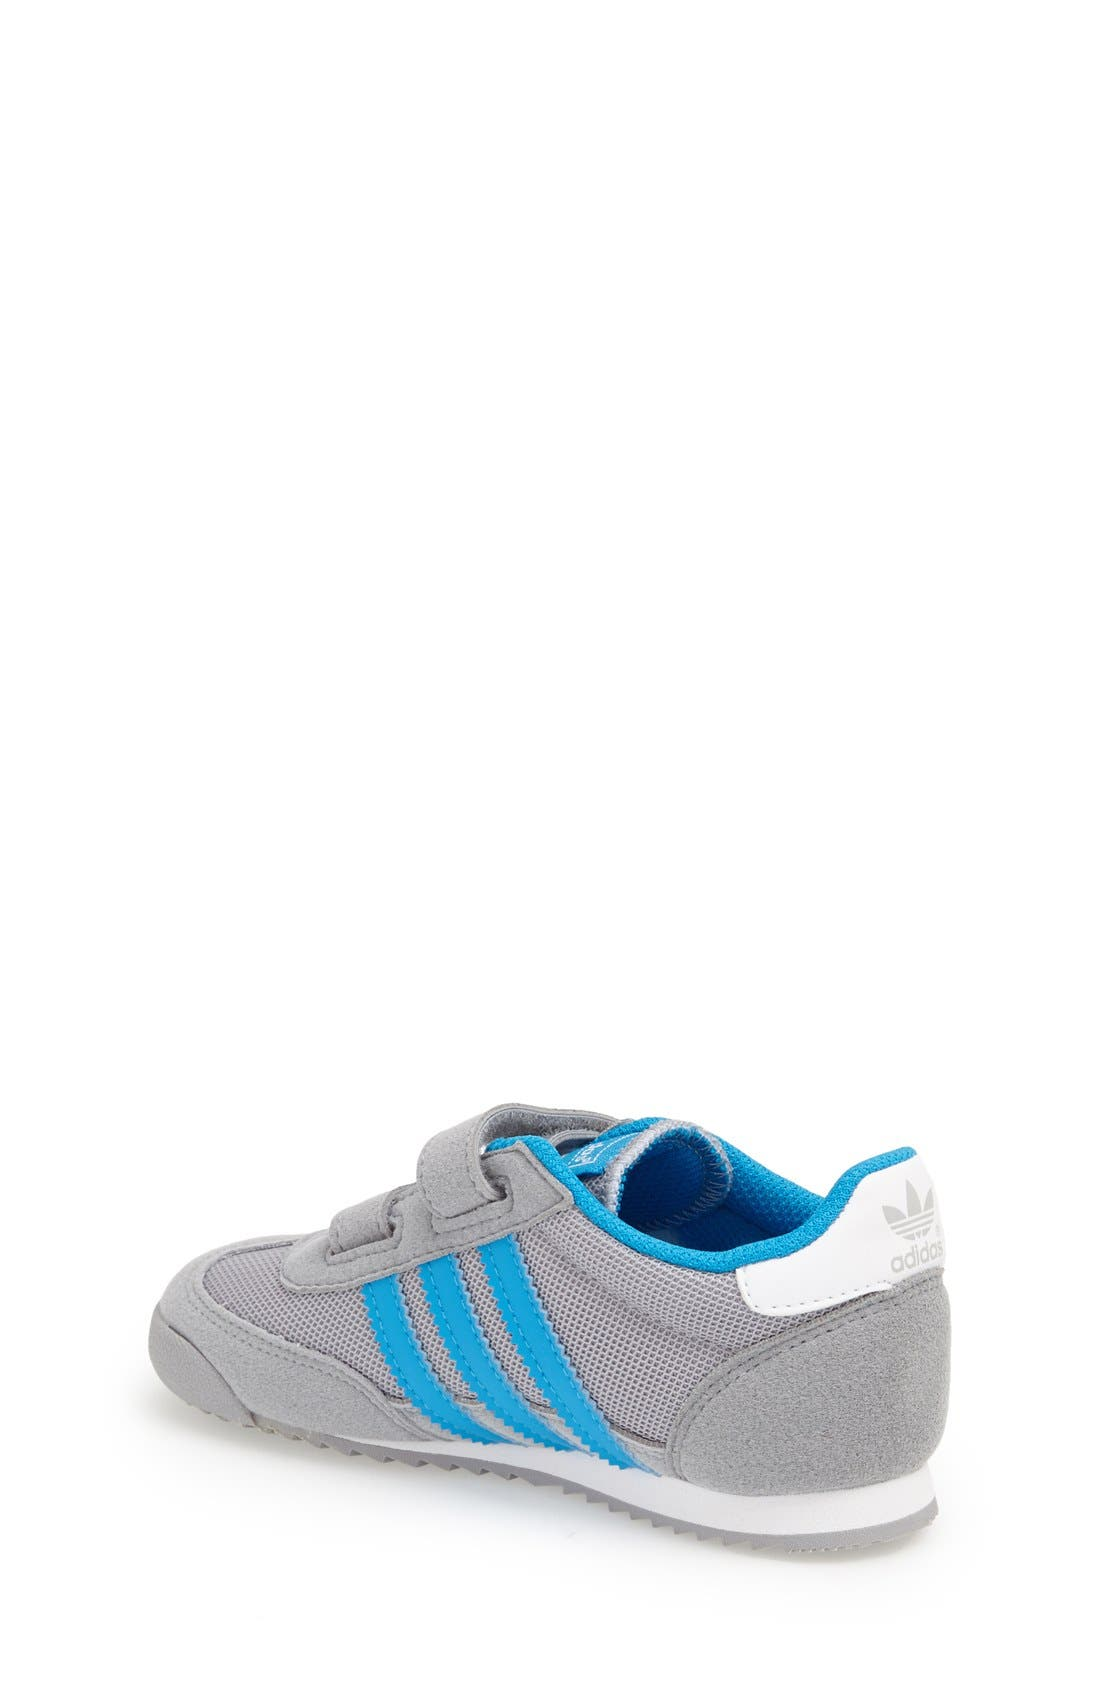 Alternate Image 2  - adidas 'Dragon' Sneaker (Baby, Walker & Toddler)